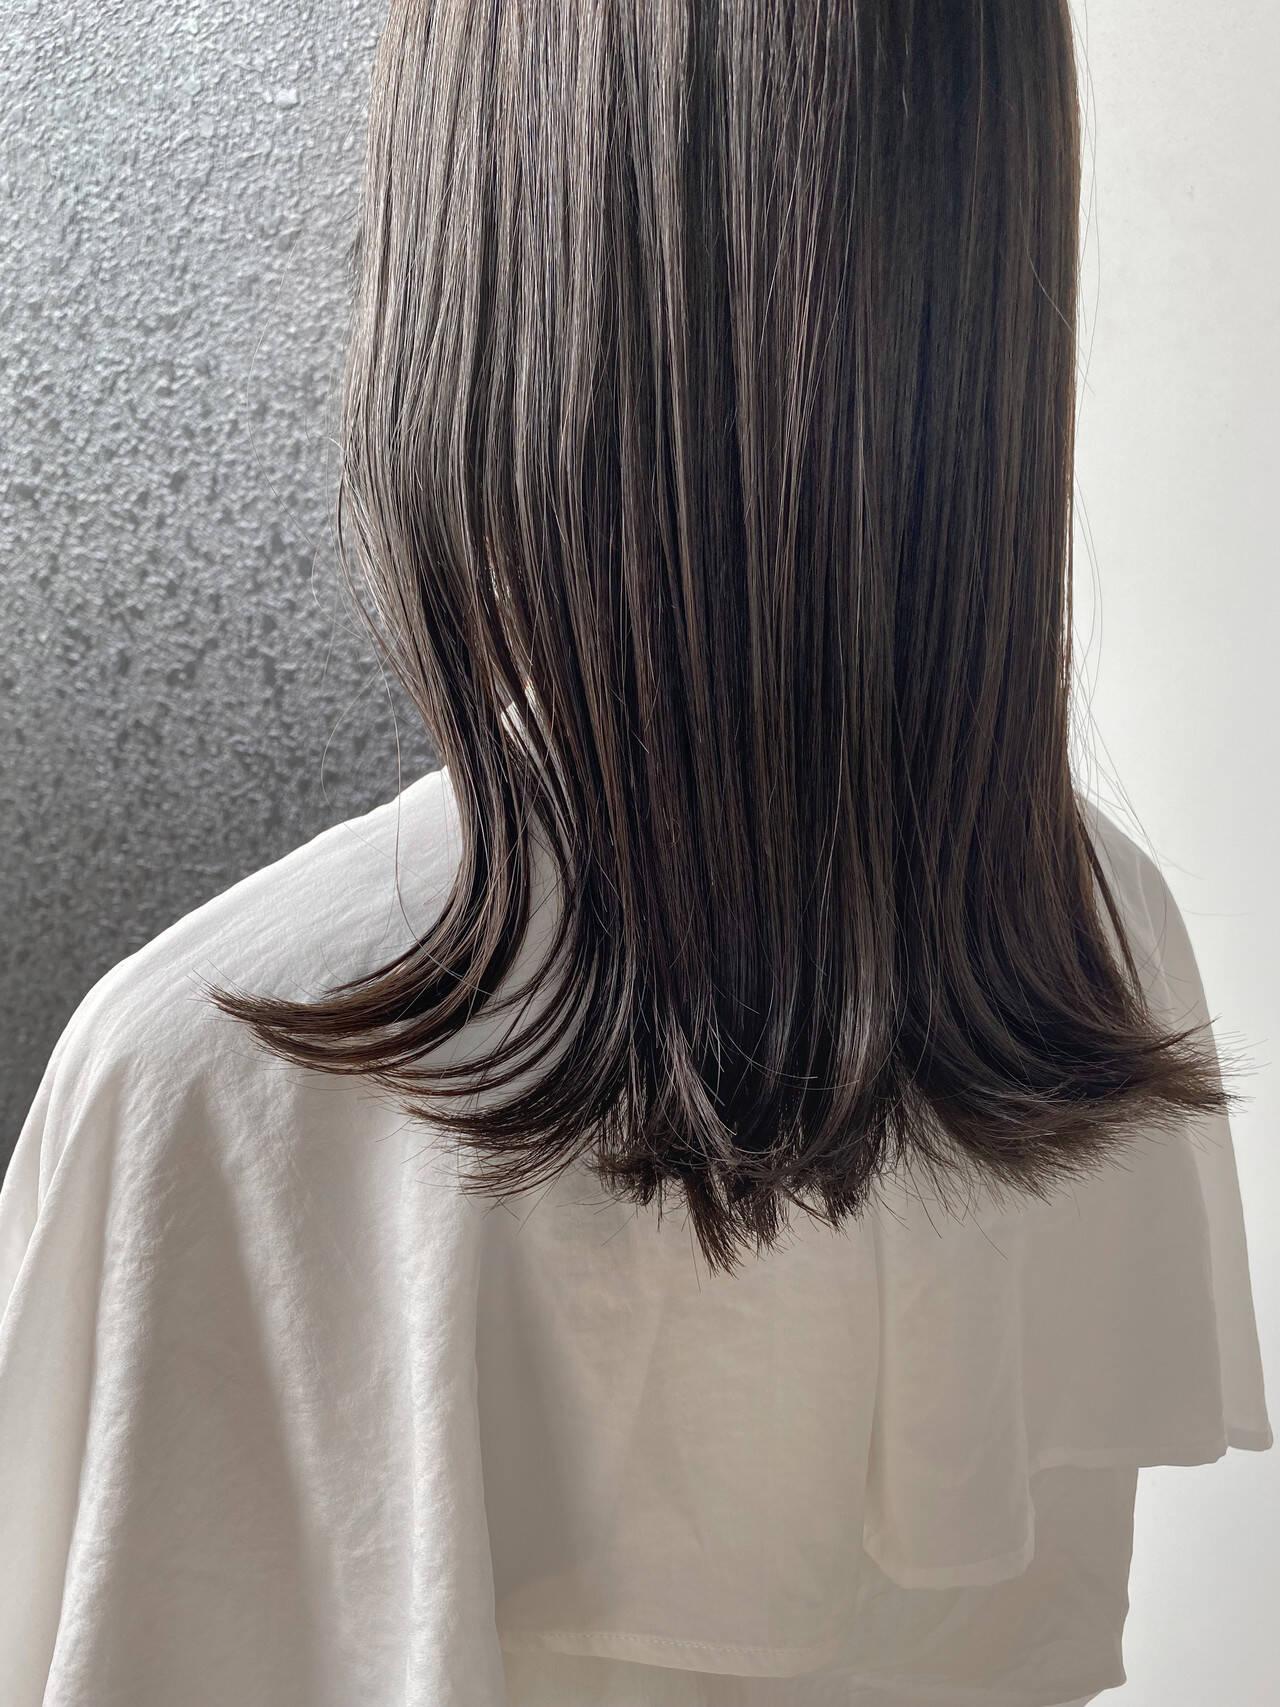 ミディアム ベージュ アッシュベージュ グレージュヘアスタイルや髪型の写真・画像